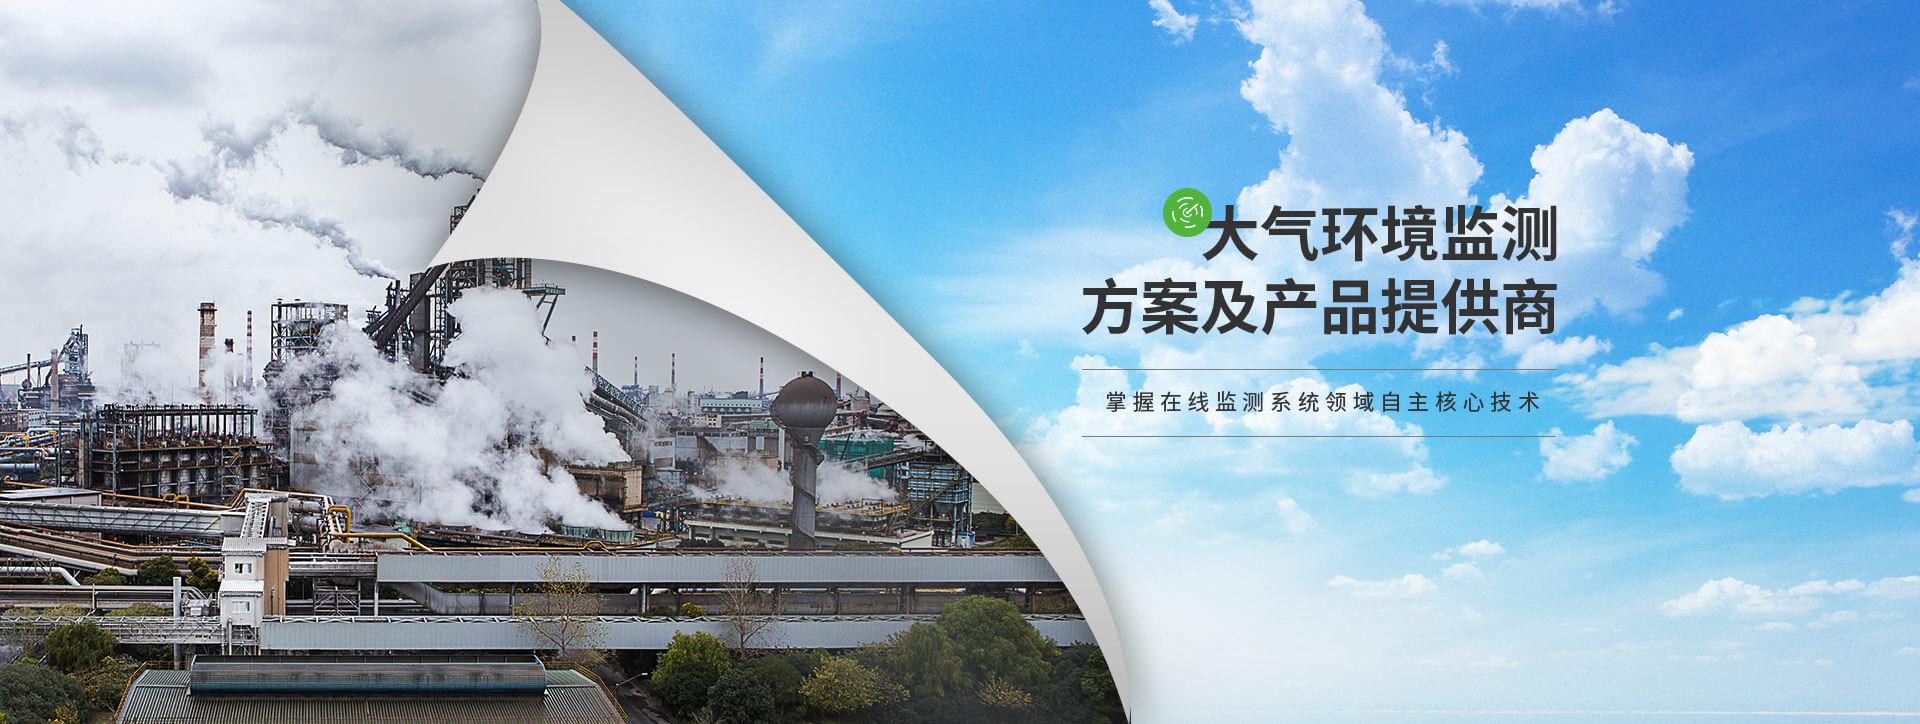 宏瑞德大气环境监测方案及产品提供商